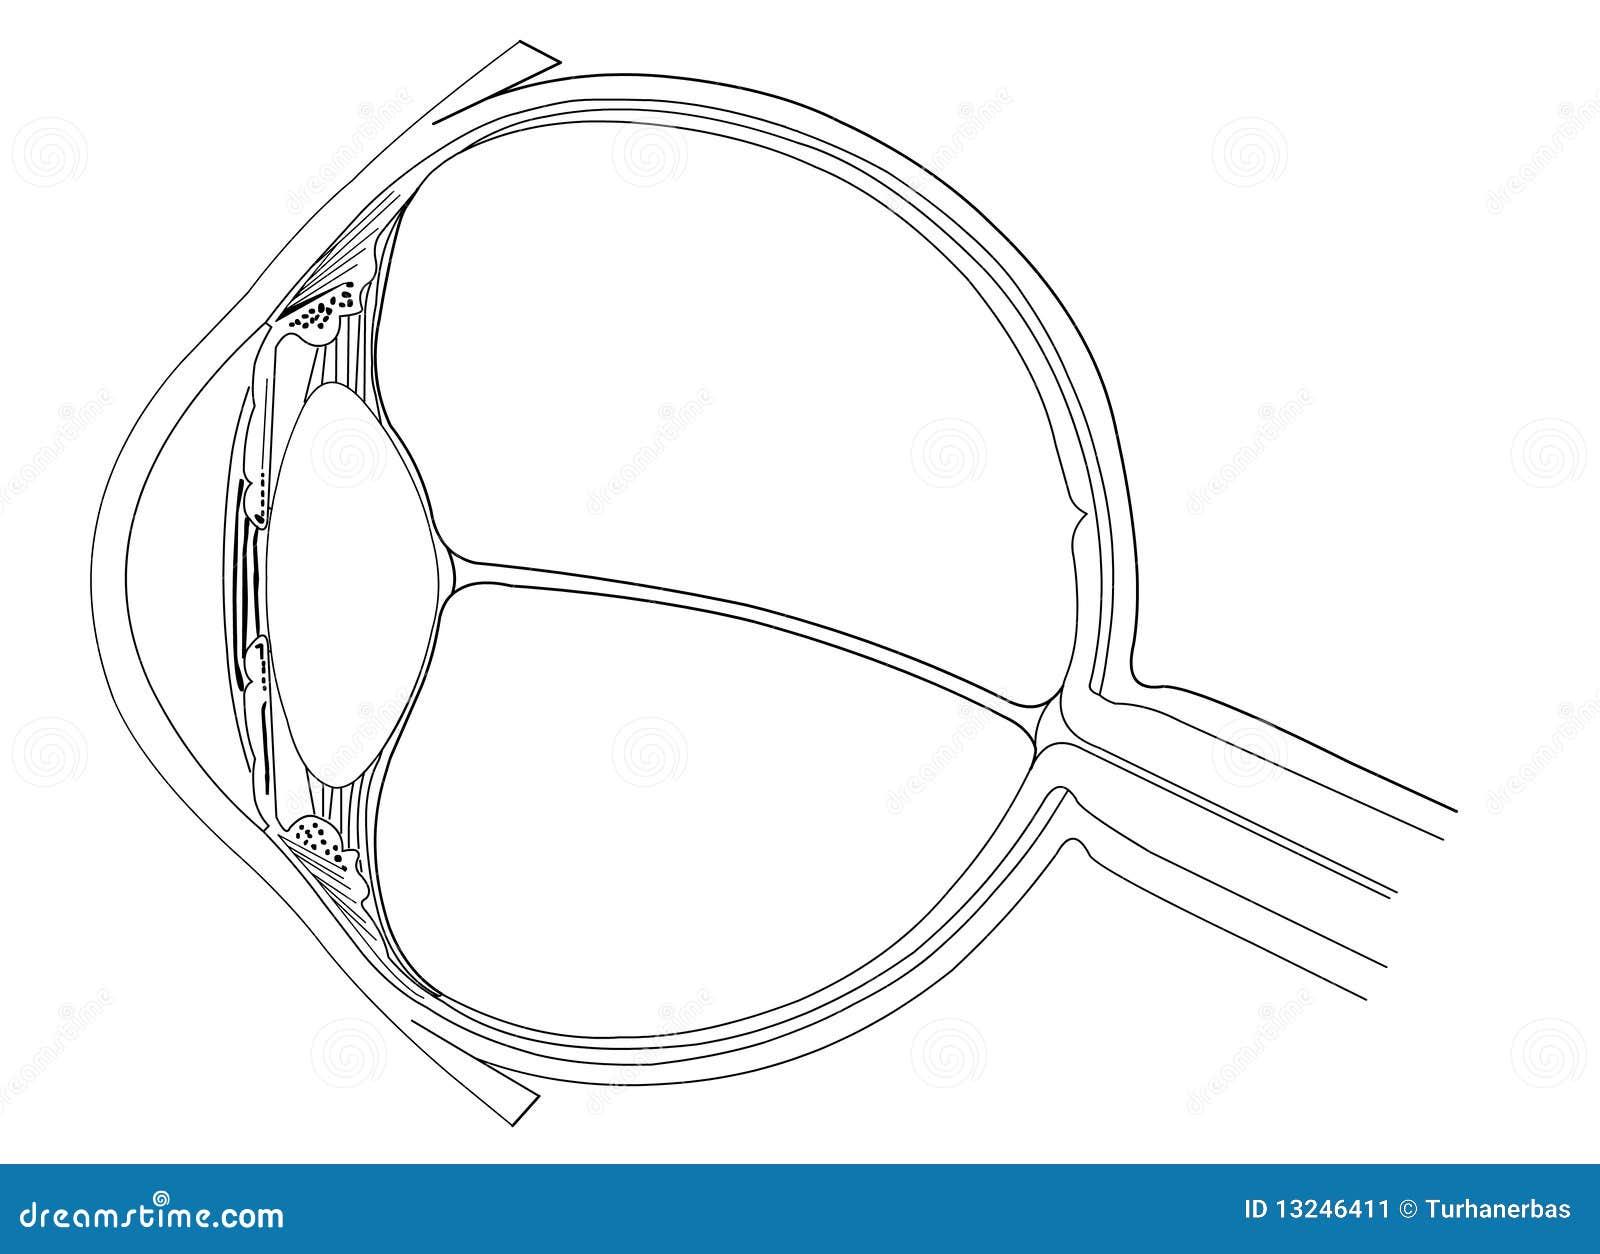 eye anatomy stock image